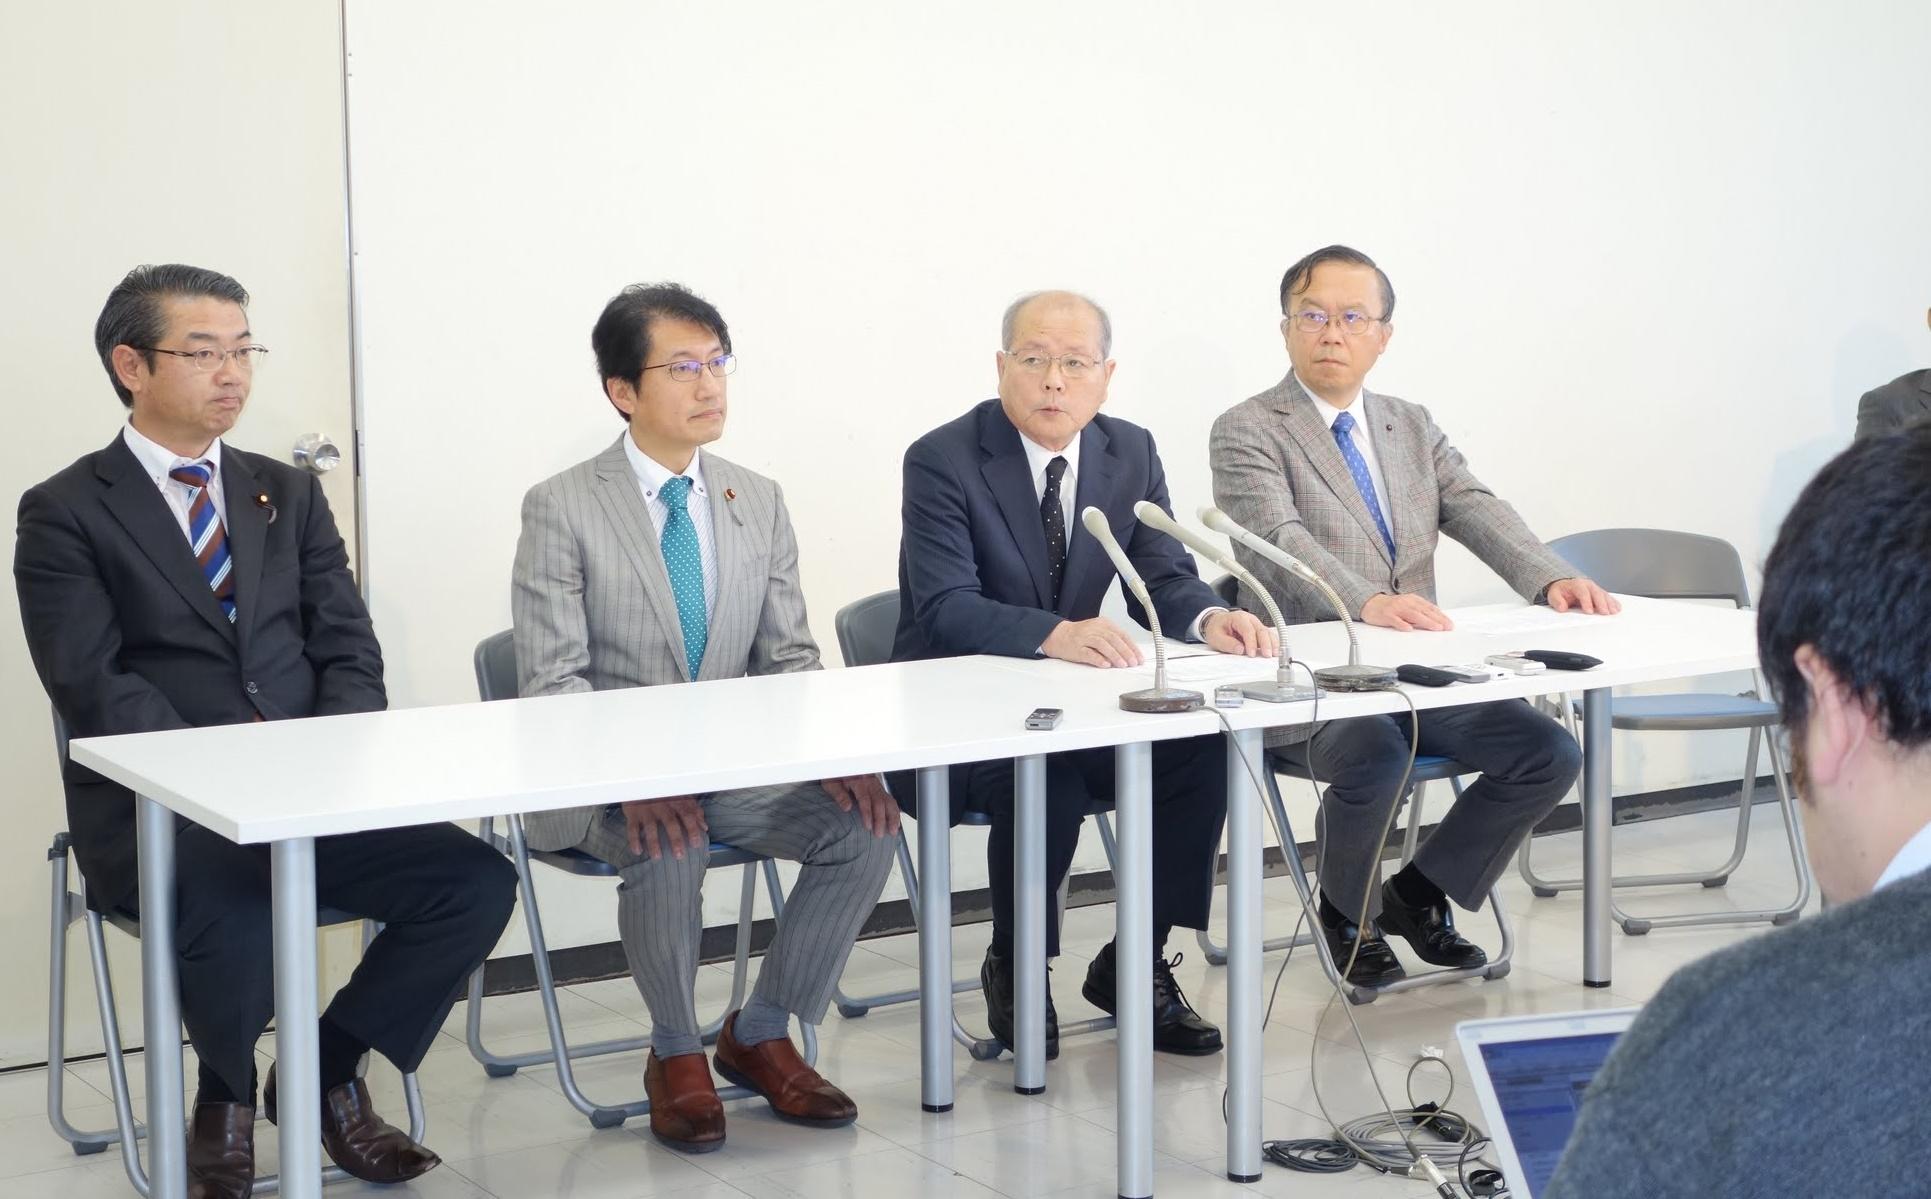 小選挙区候補者発表で決意を述べる(左から)田村、真島両衆院議員=11日、福岡市